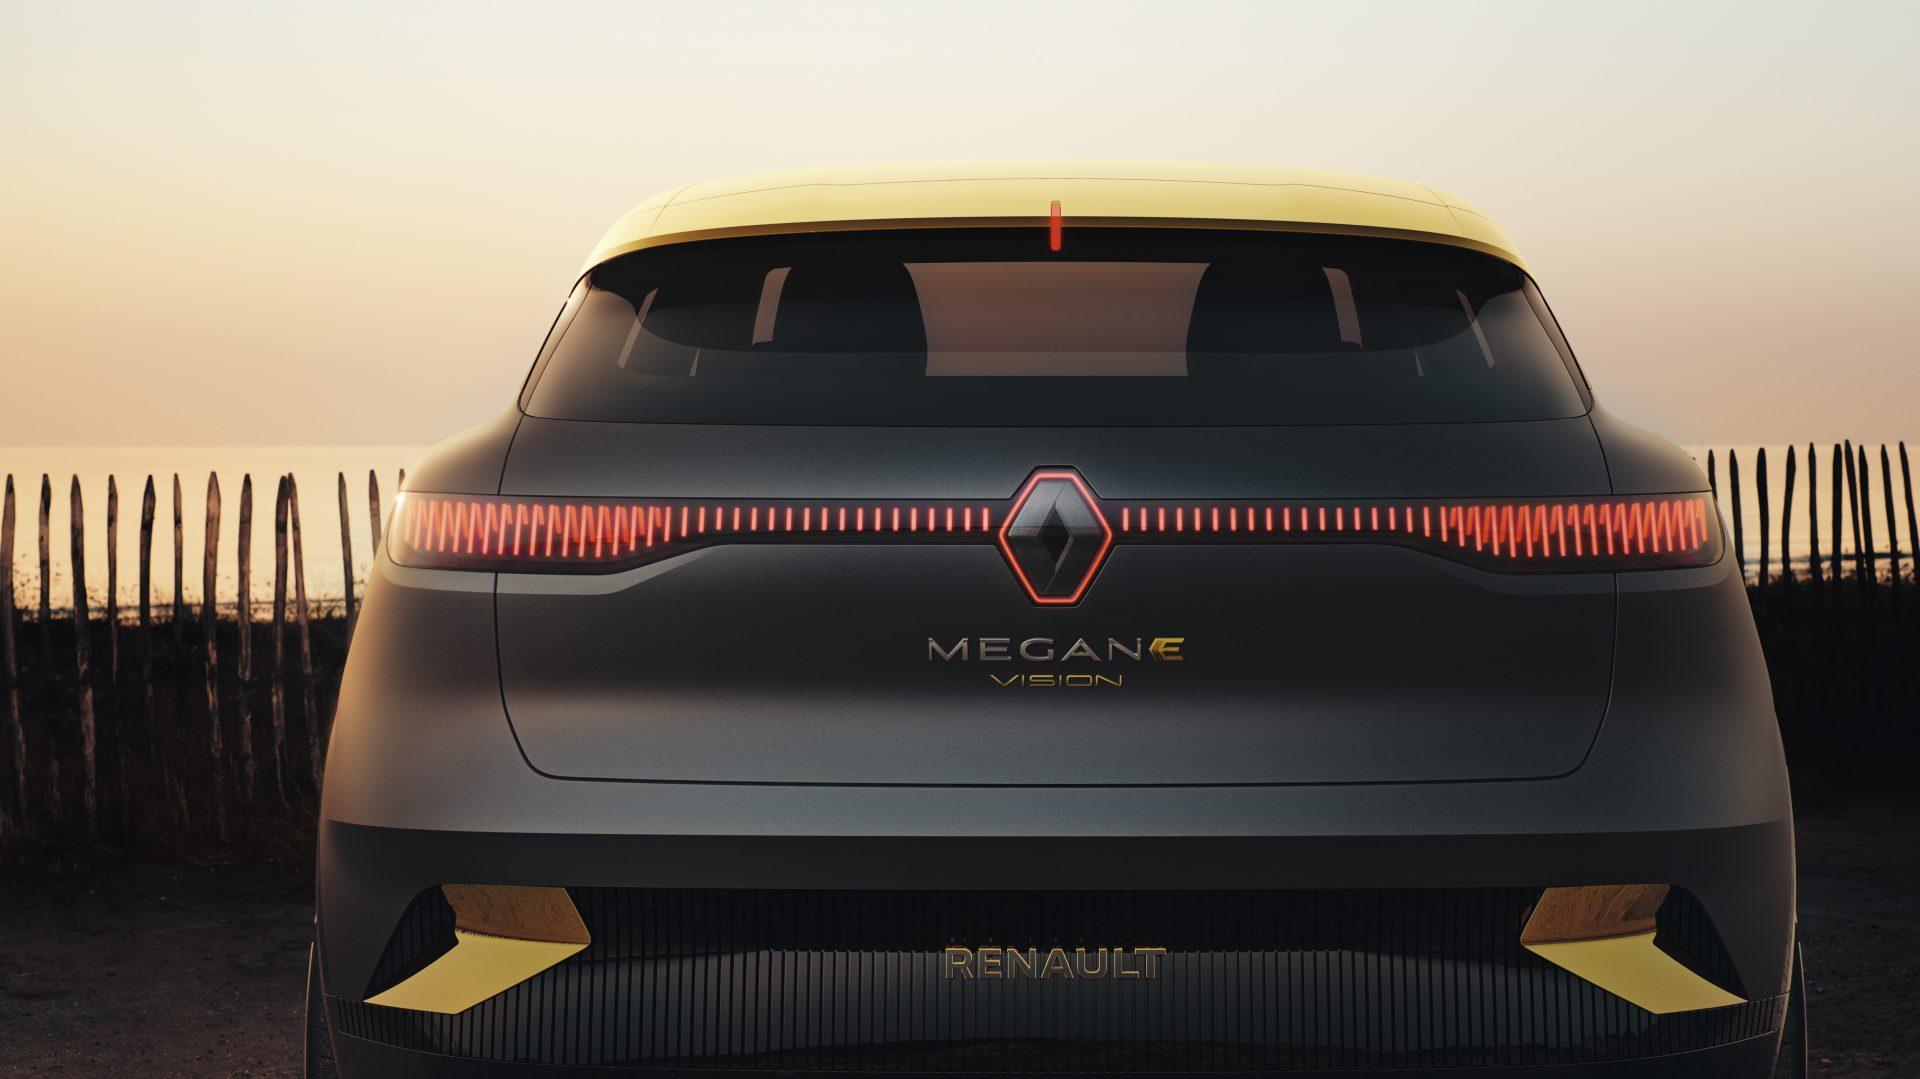 Nuova Megane eVision:il futuro elettricosecondo Renault